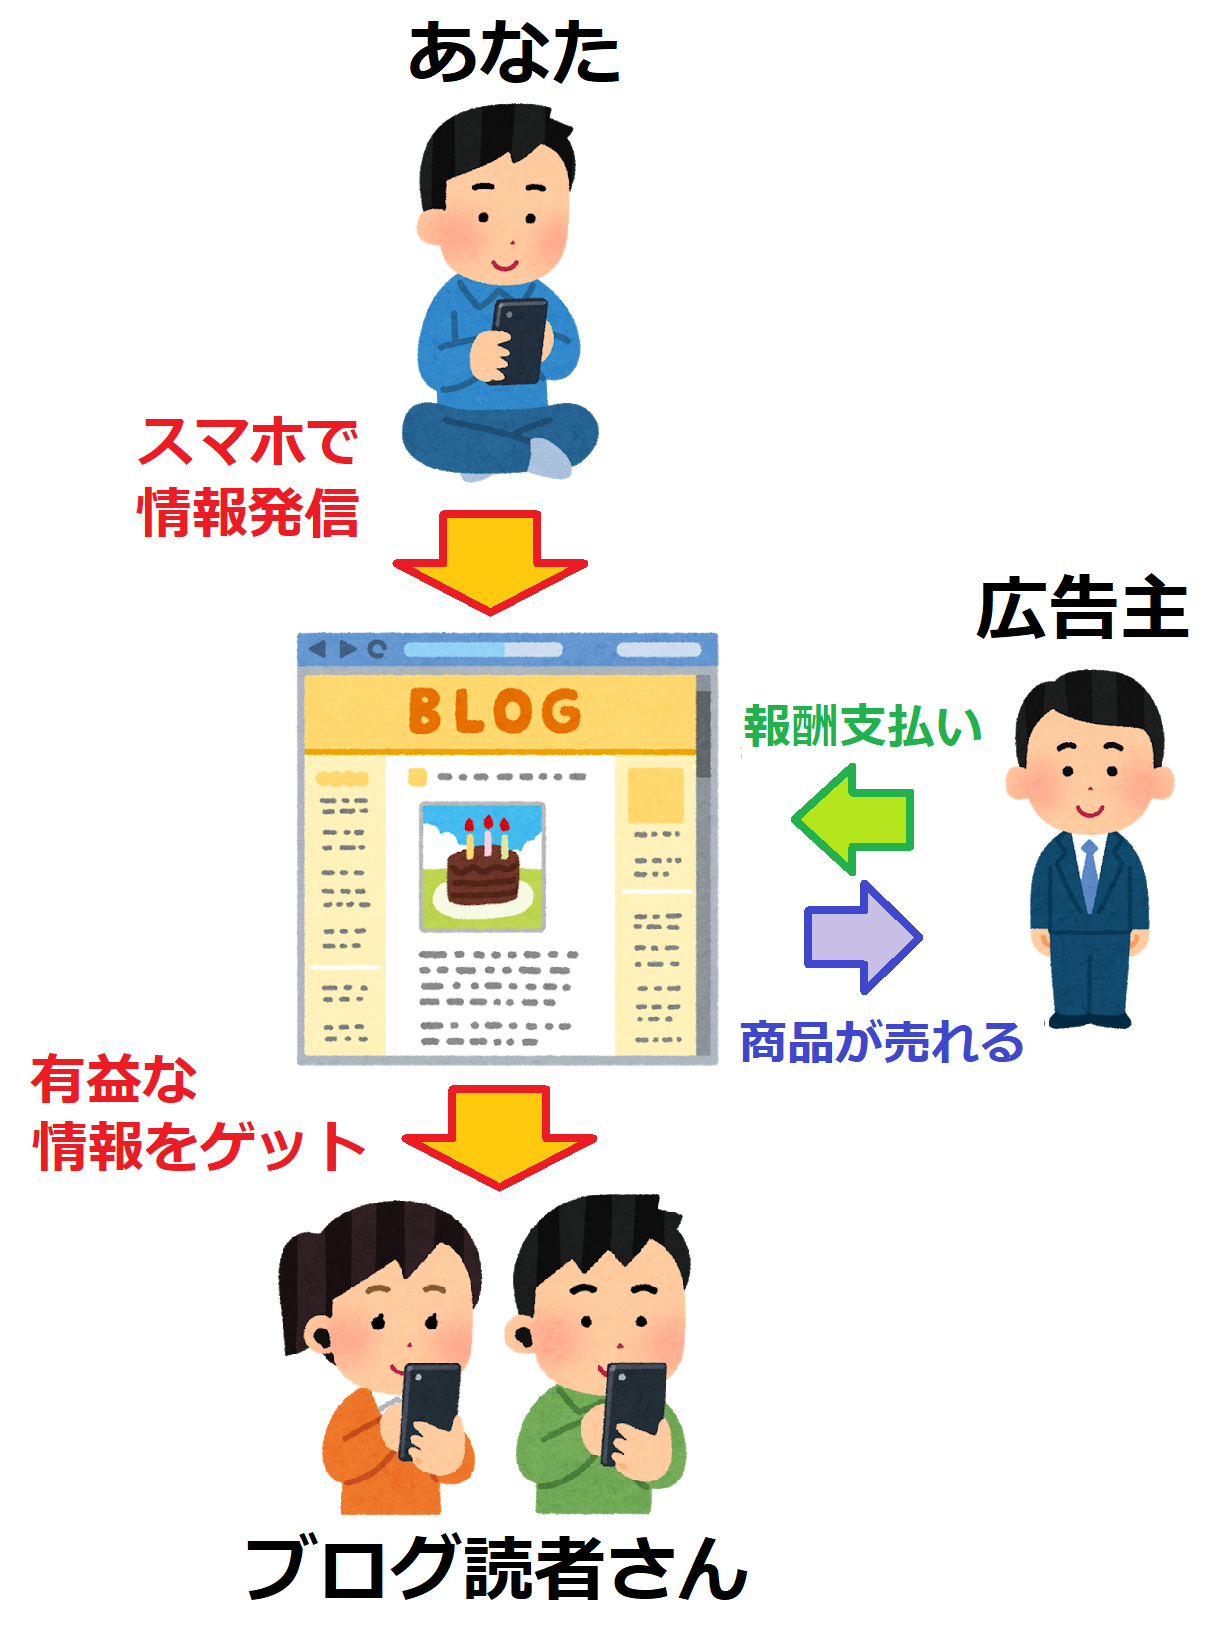 スマホでブログ収益を稼ぐ仕組み